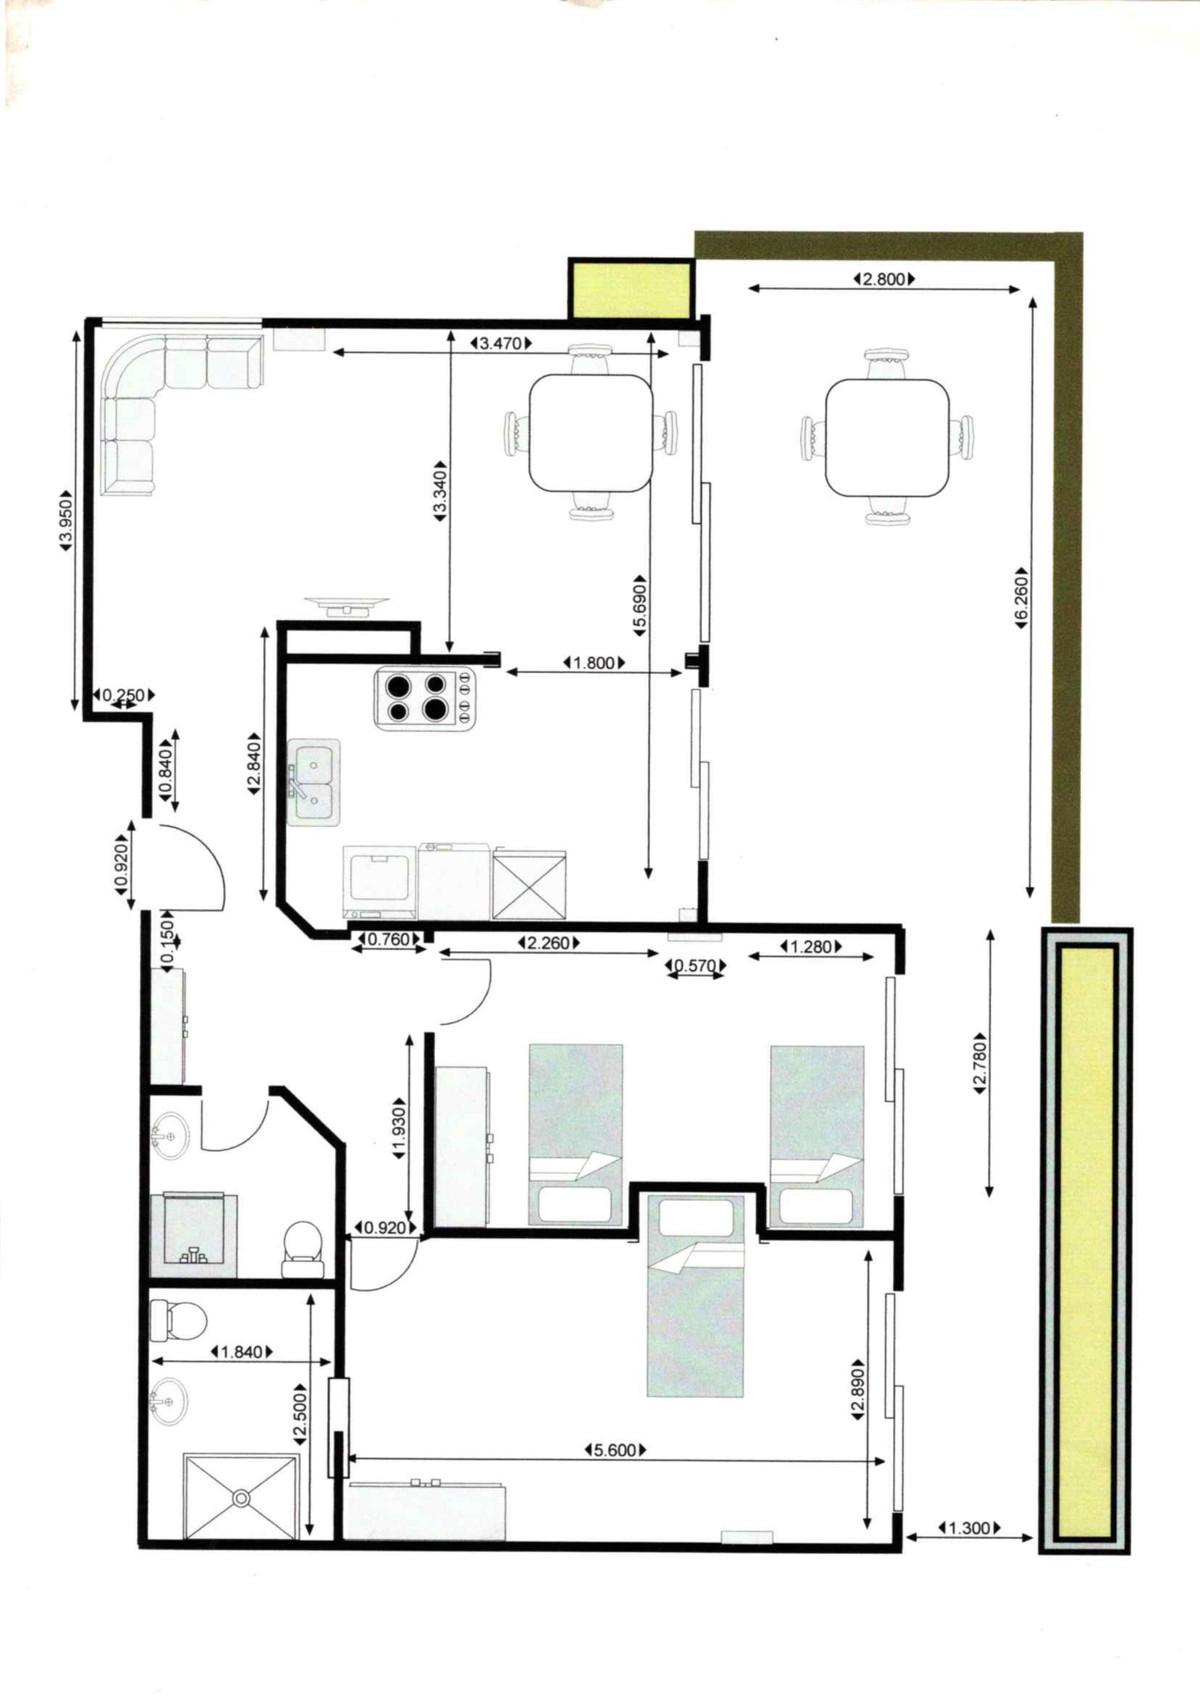 2 Bedrooms - 2 Bathrooms